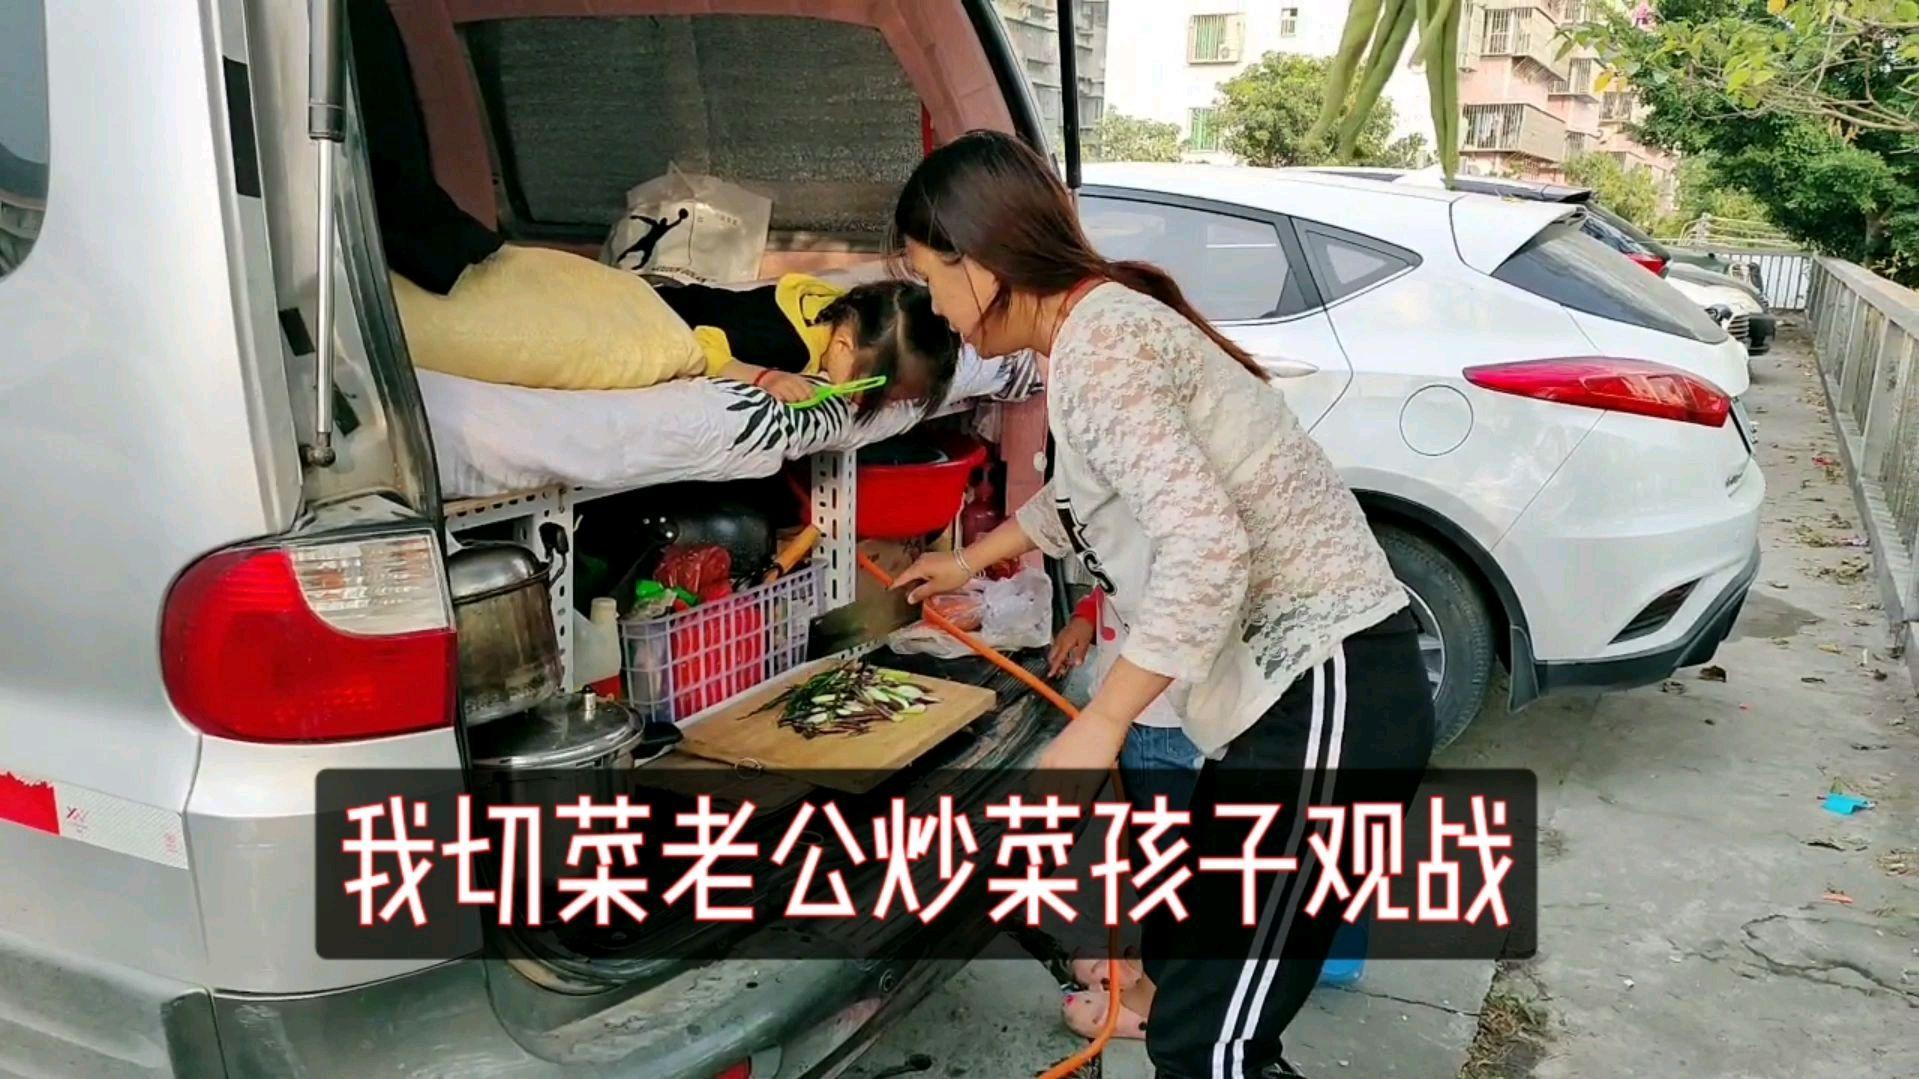 面包车改床车自驾游,我们一路从郑州睡到广东肇庆,比住店舒服